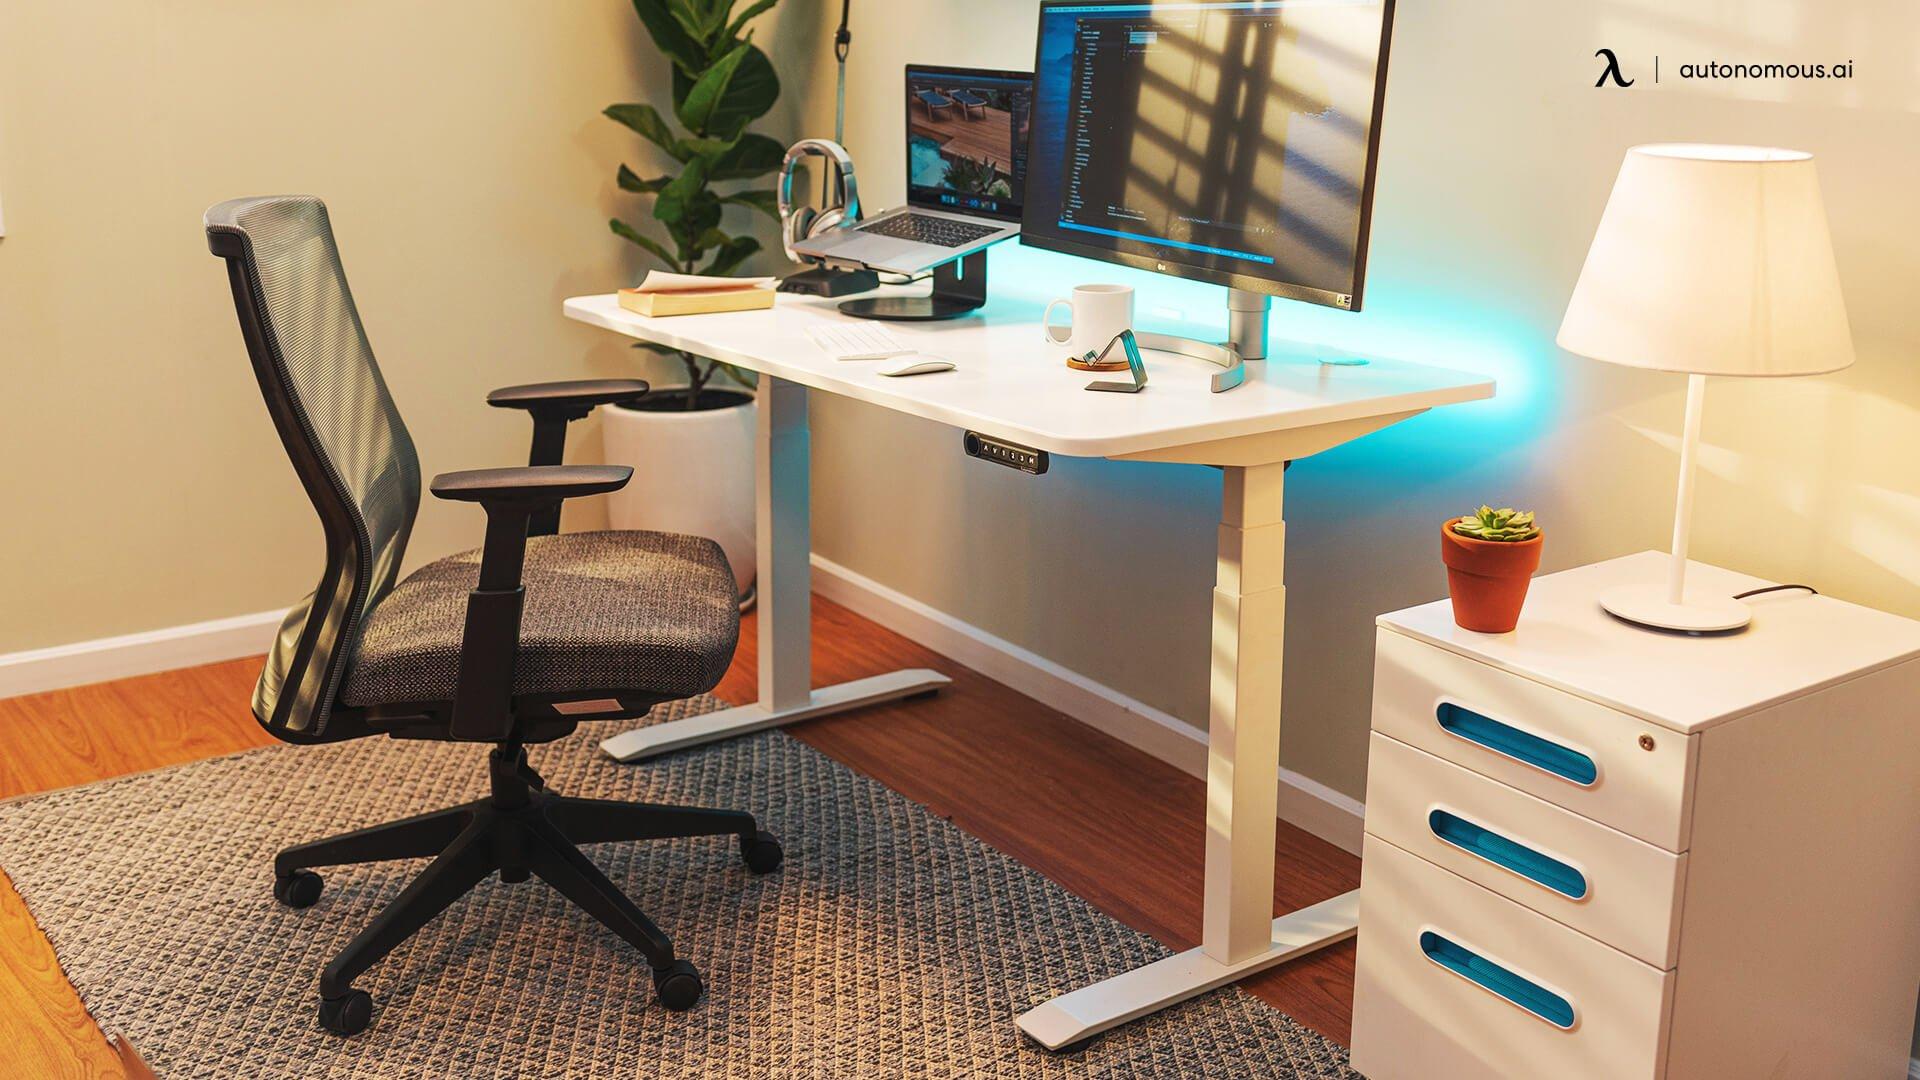 Ergonomic chair for programmer desk